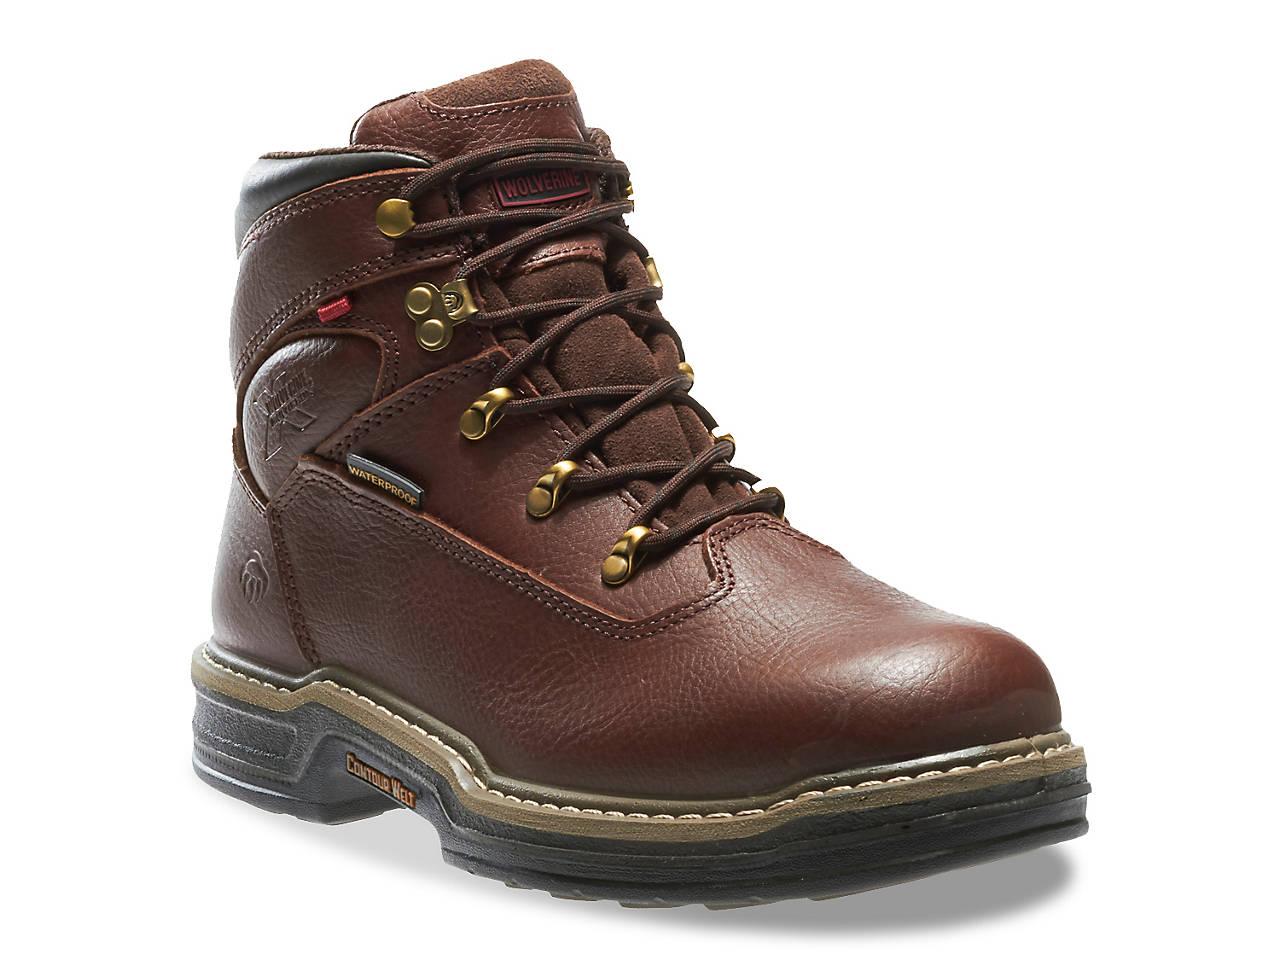 6568d806e44 Buccaneer Steel Toe Work Boot